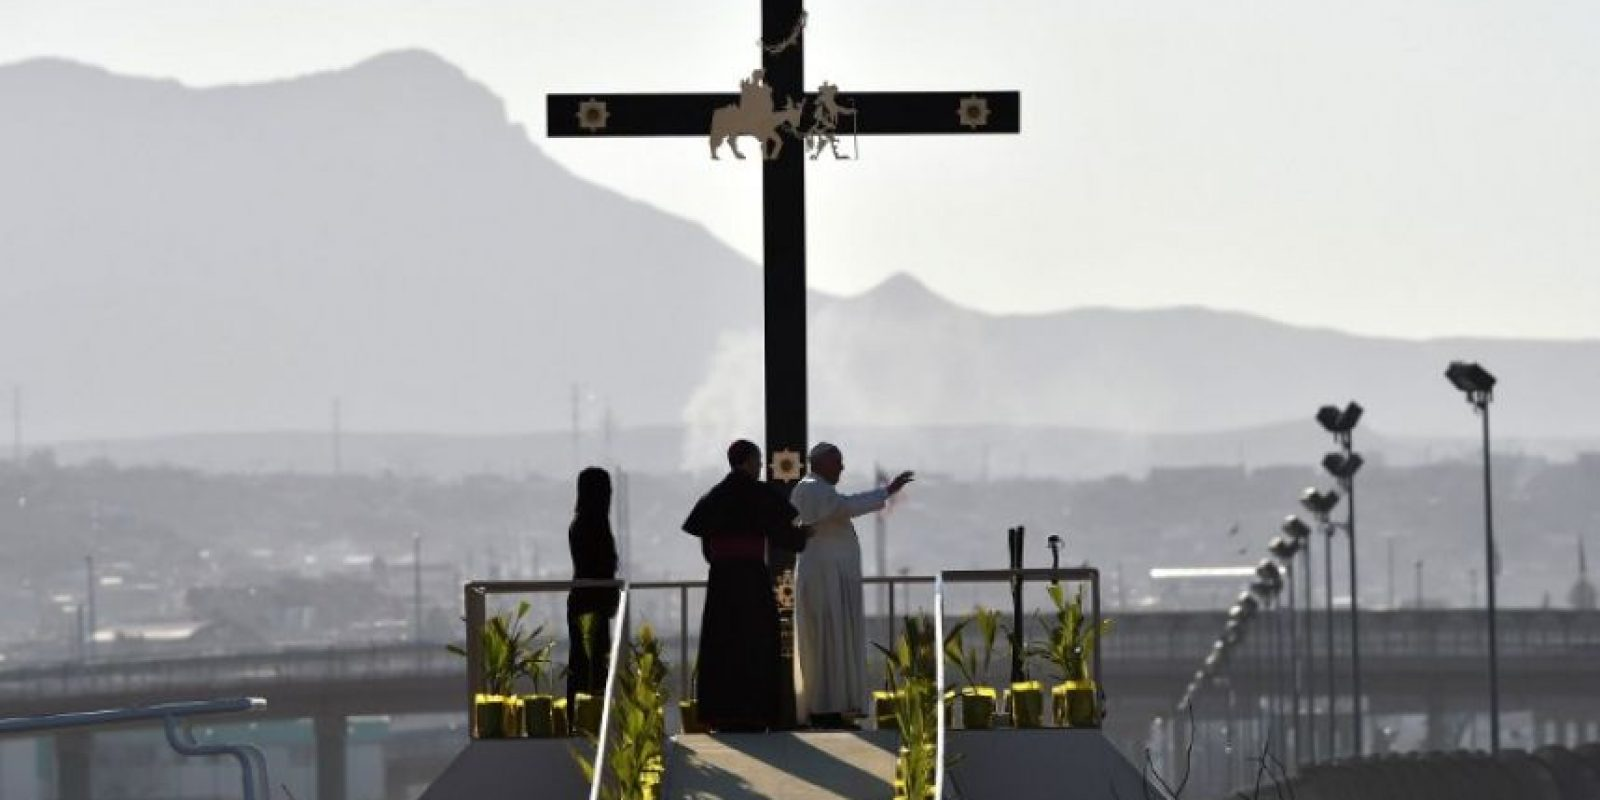 Encabezó oraciones a las que se unieron miles de personas del lado estadounidense y mexicano. Foto:AFP